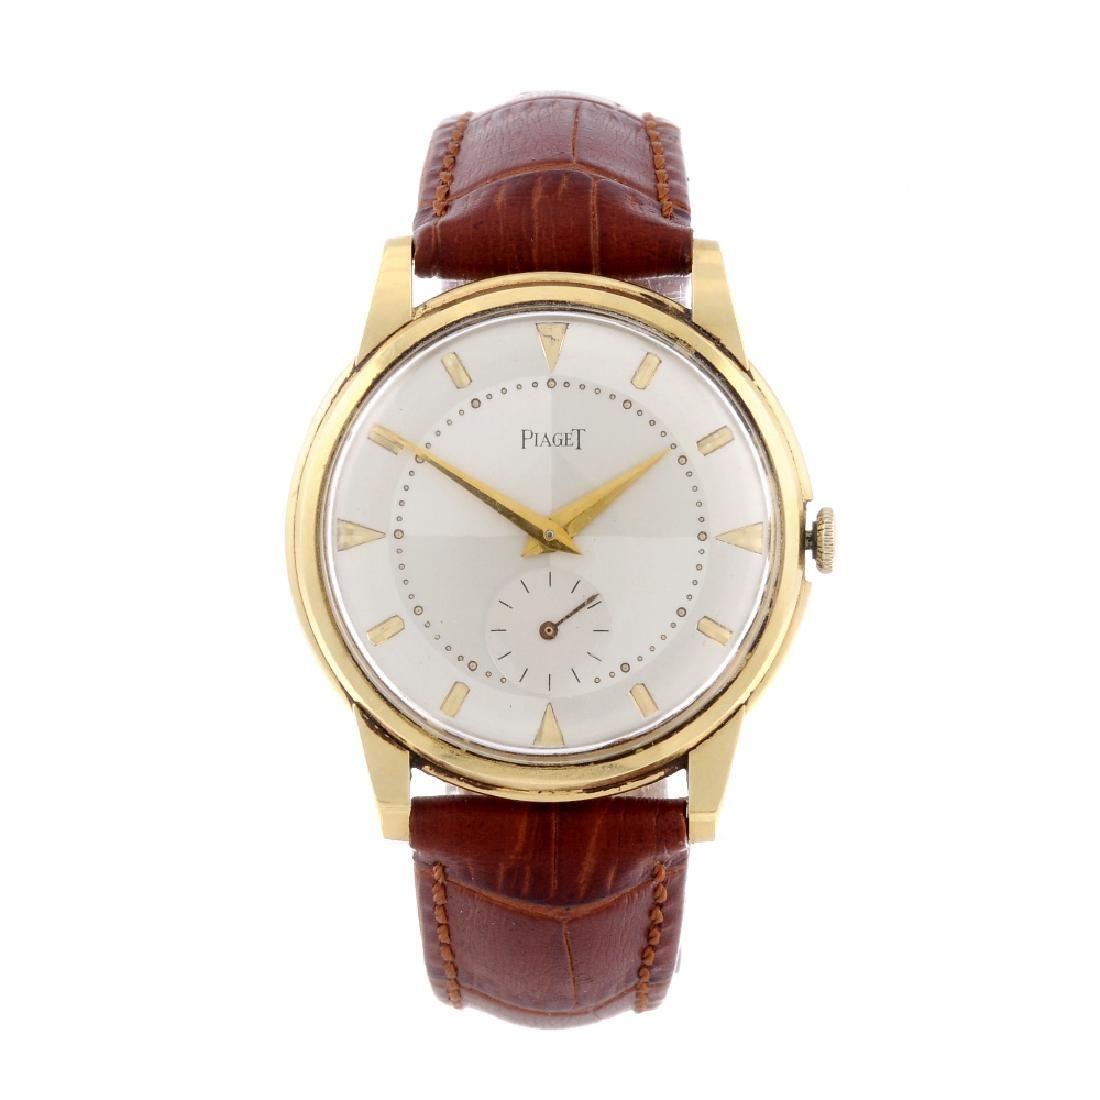 PIAGET - a gentleman's wrist watch. 18ct yellow gold